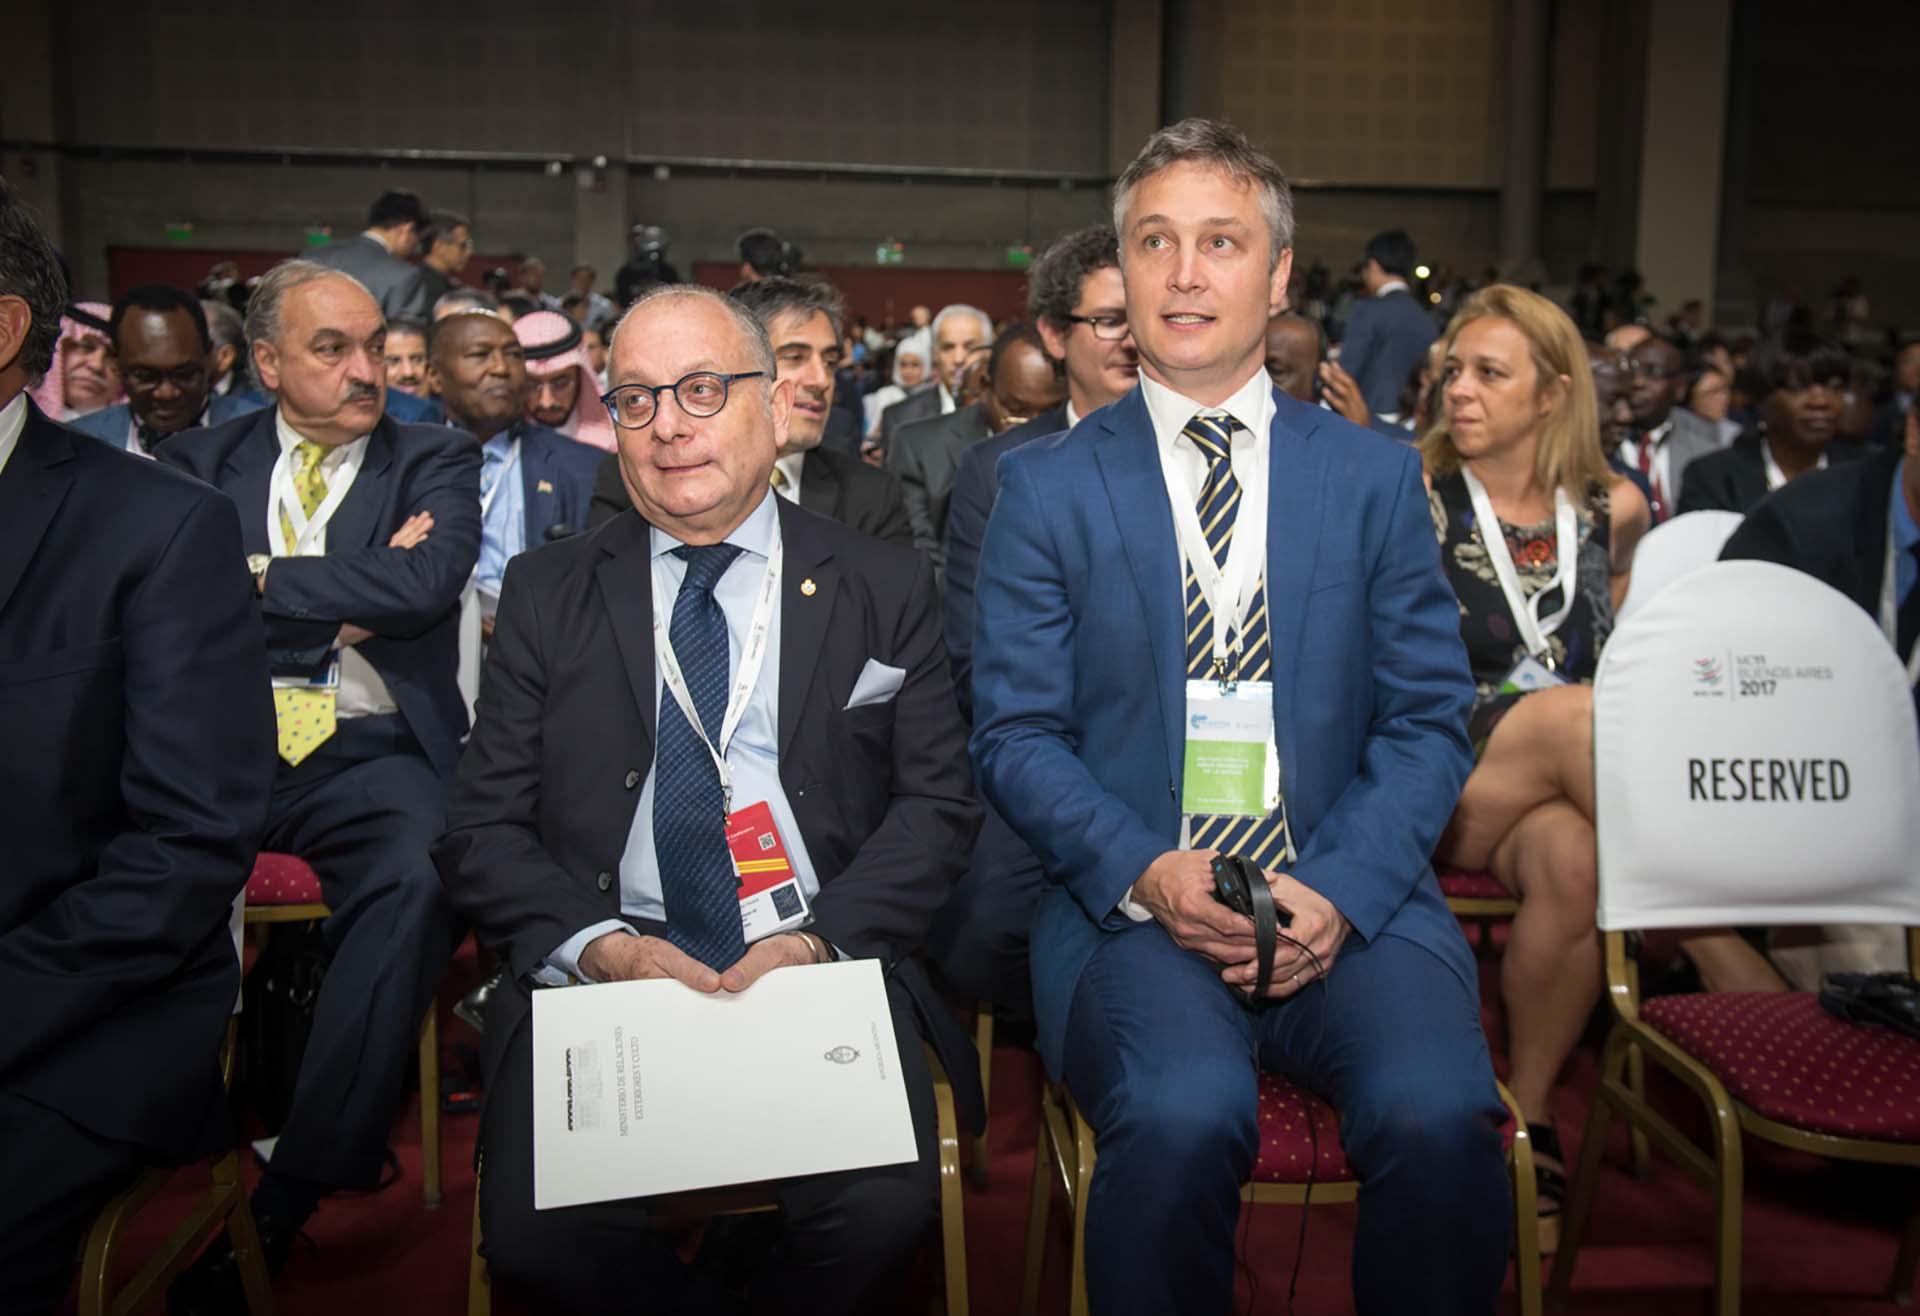 El canciller argentino, Jorge Faurie, y el secretario general de la Presidencia, Fernando De Andreis